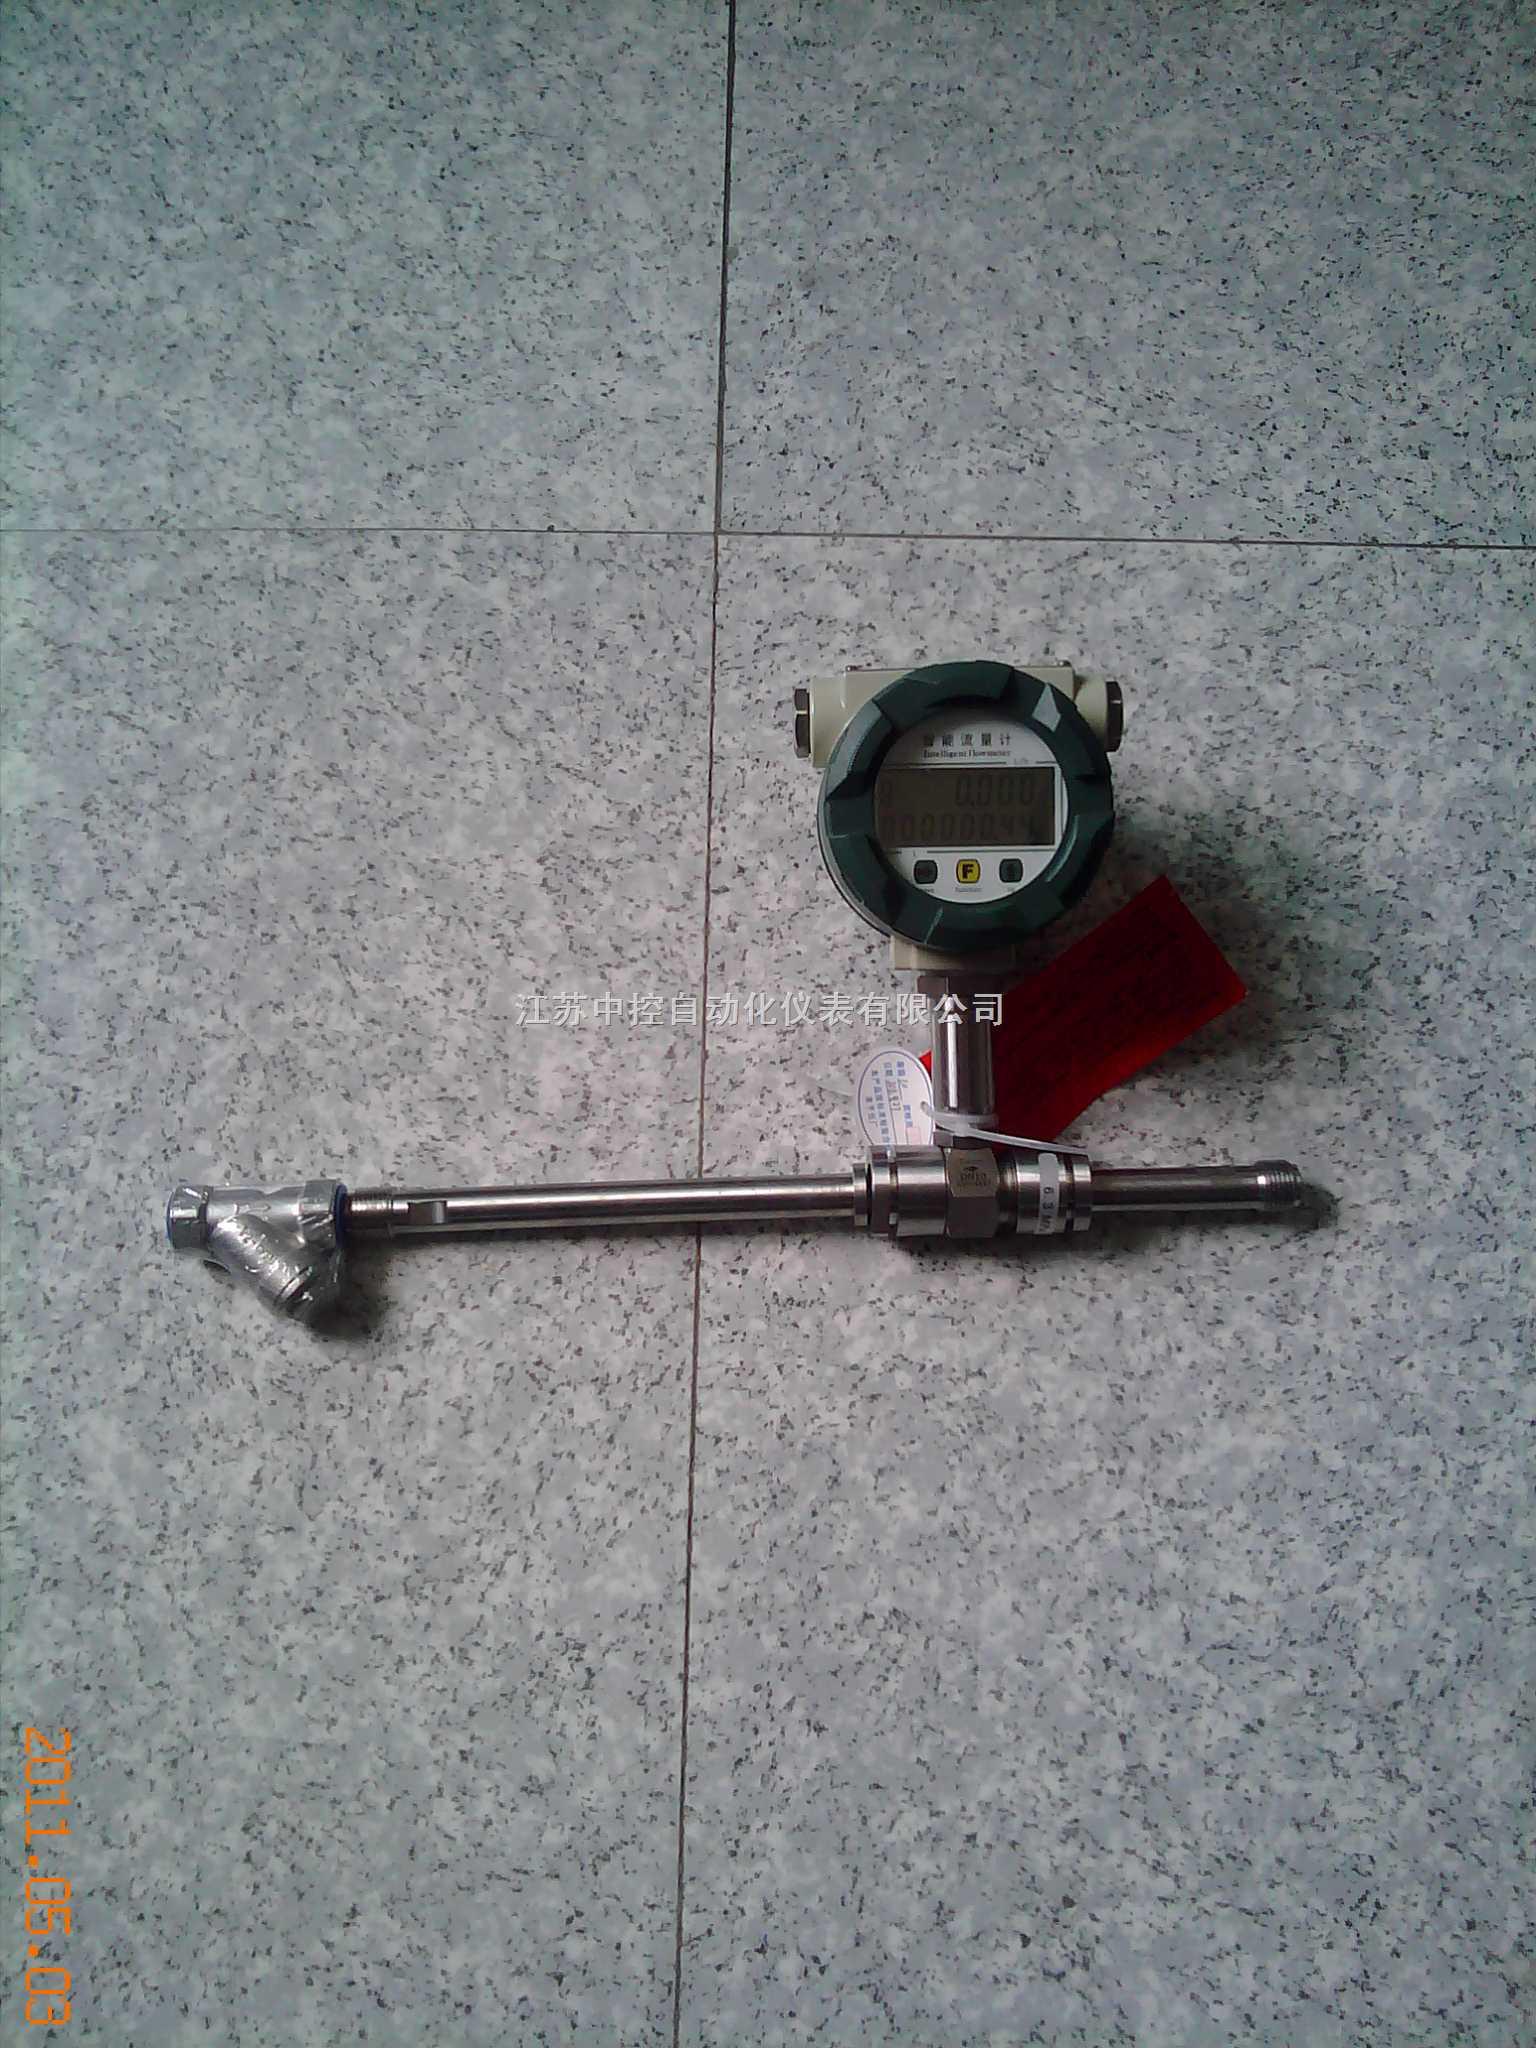 ZK-LWGY-4-10液體智能渦輪流量計